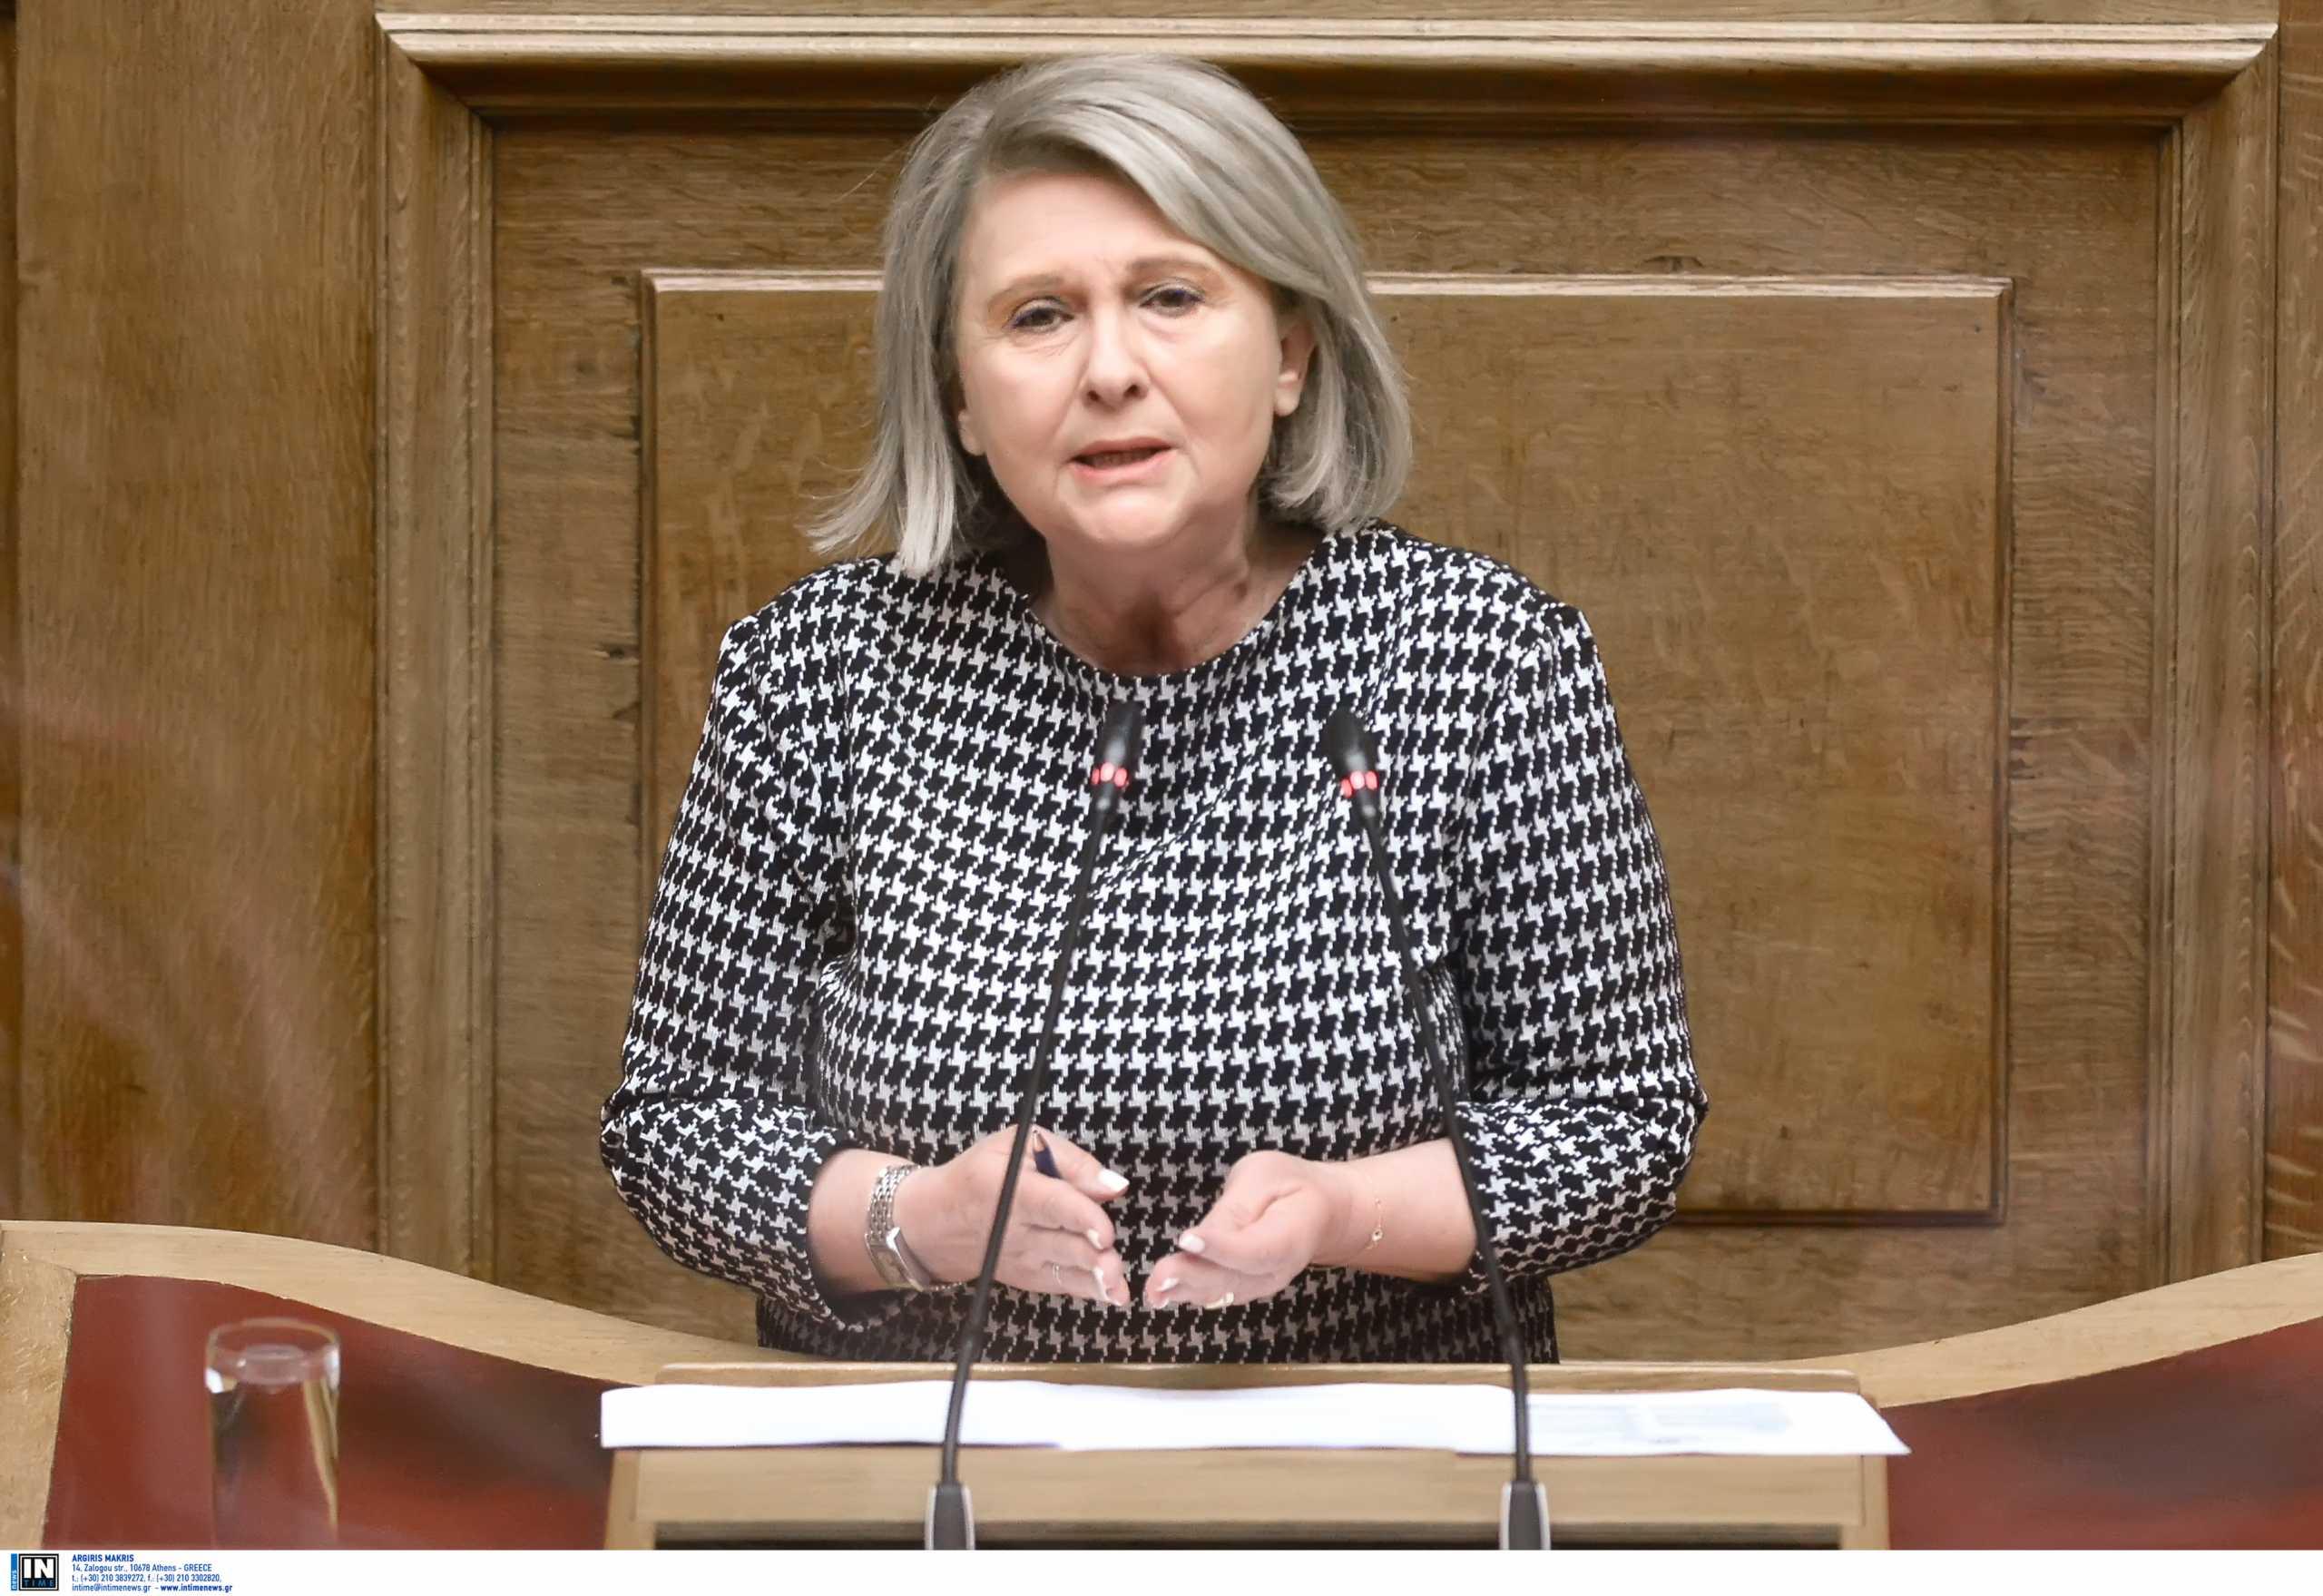 Σοφία Βούλτεψη: Η νέα υφυπουργός στο υπουργείο Μετανάστευσης